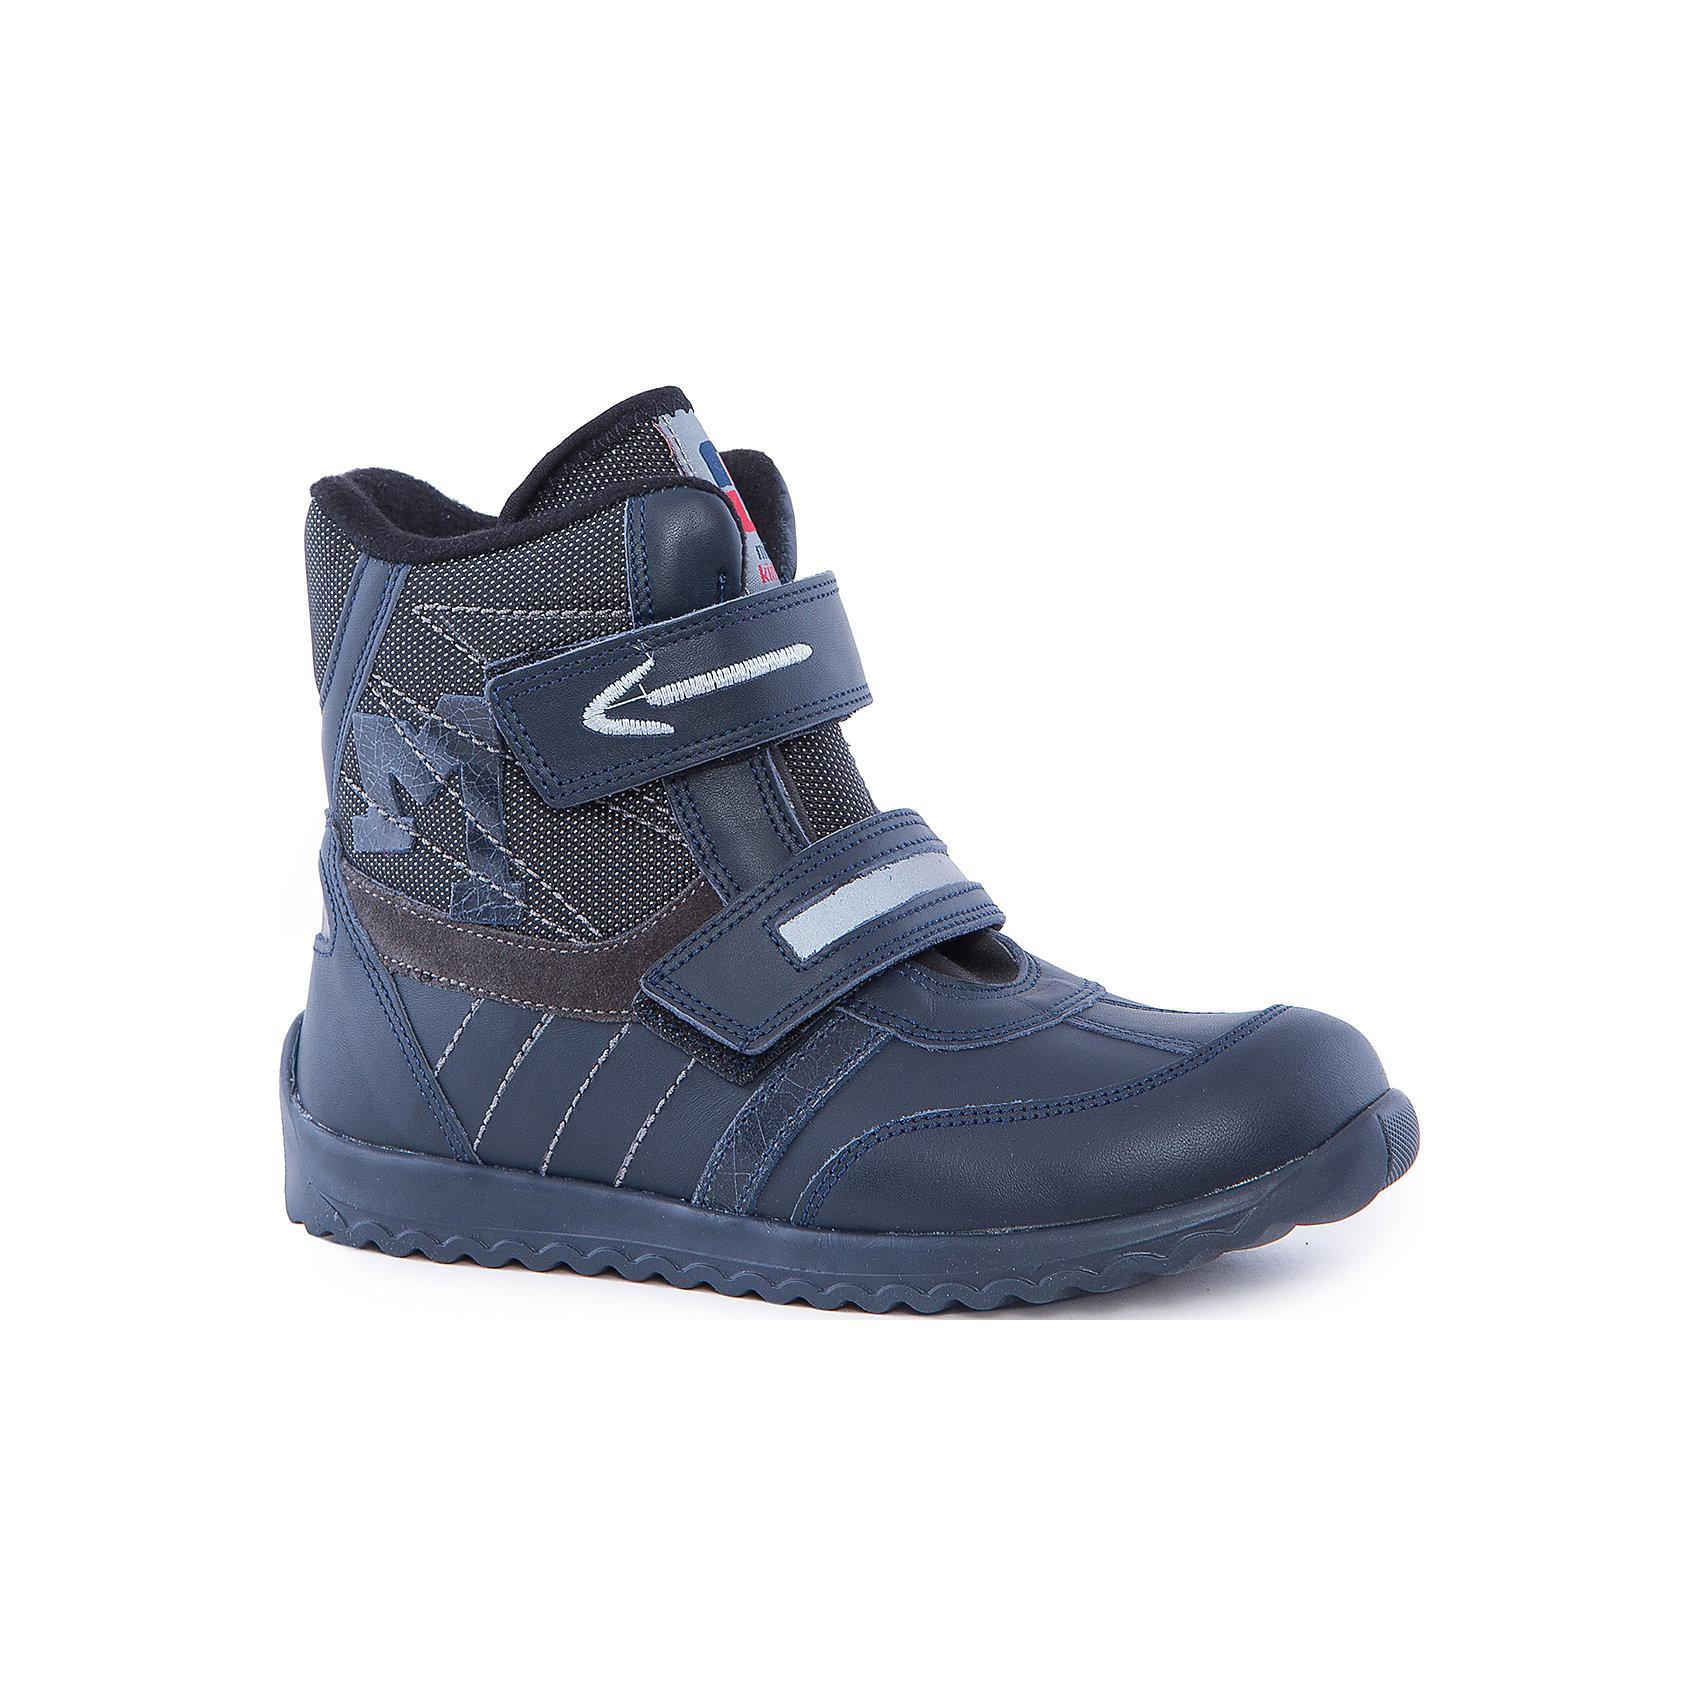 Полусапоги для мальчика MinimenУтепленные ботинки от Minimen подойдут на осень и теплую зиму. Ботинки хорошо фиксируют ногу, легко надеваются и не промокают. Замечательный выбор для комфортных прогулок.<br><br>Дополнительная информация:<br>Стелька: супинатор<br>Сезон: осень-зима<br>Материал: 100% кожа. Подкладка: текстиль<br><br>Ботинки Minimen можно приобрести в нашем интернет-магазине.<br><br>Ширина мм: 257<br>Глубина мм: 180<br>Высота мм: 130<br>Вес г: 420<br>Цвет: синий<br>Возраст от месяцев: 84<br>Возраст до месяцев: 96<br>Пол: Мужской<br>Возраст: Детский<br>Размер: 31,36,35,34,33,32<br>SKU: 4969821